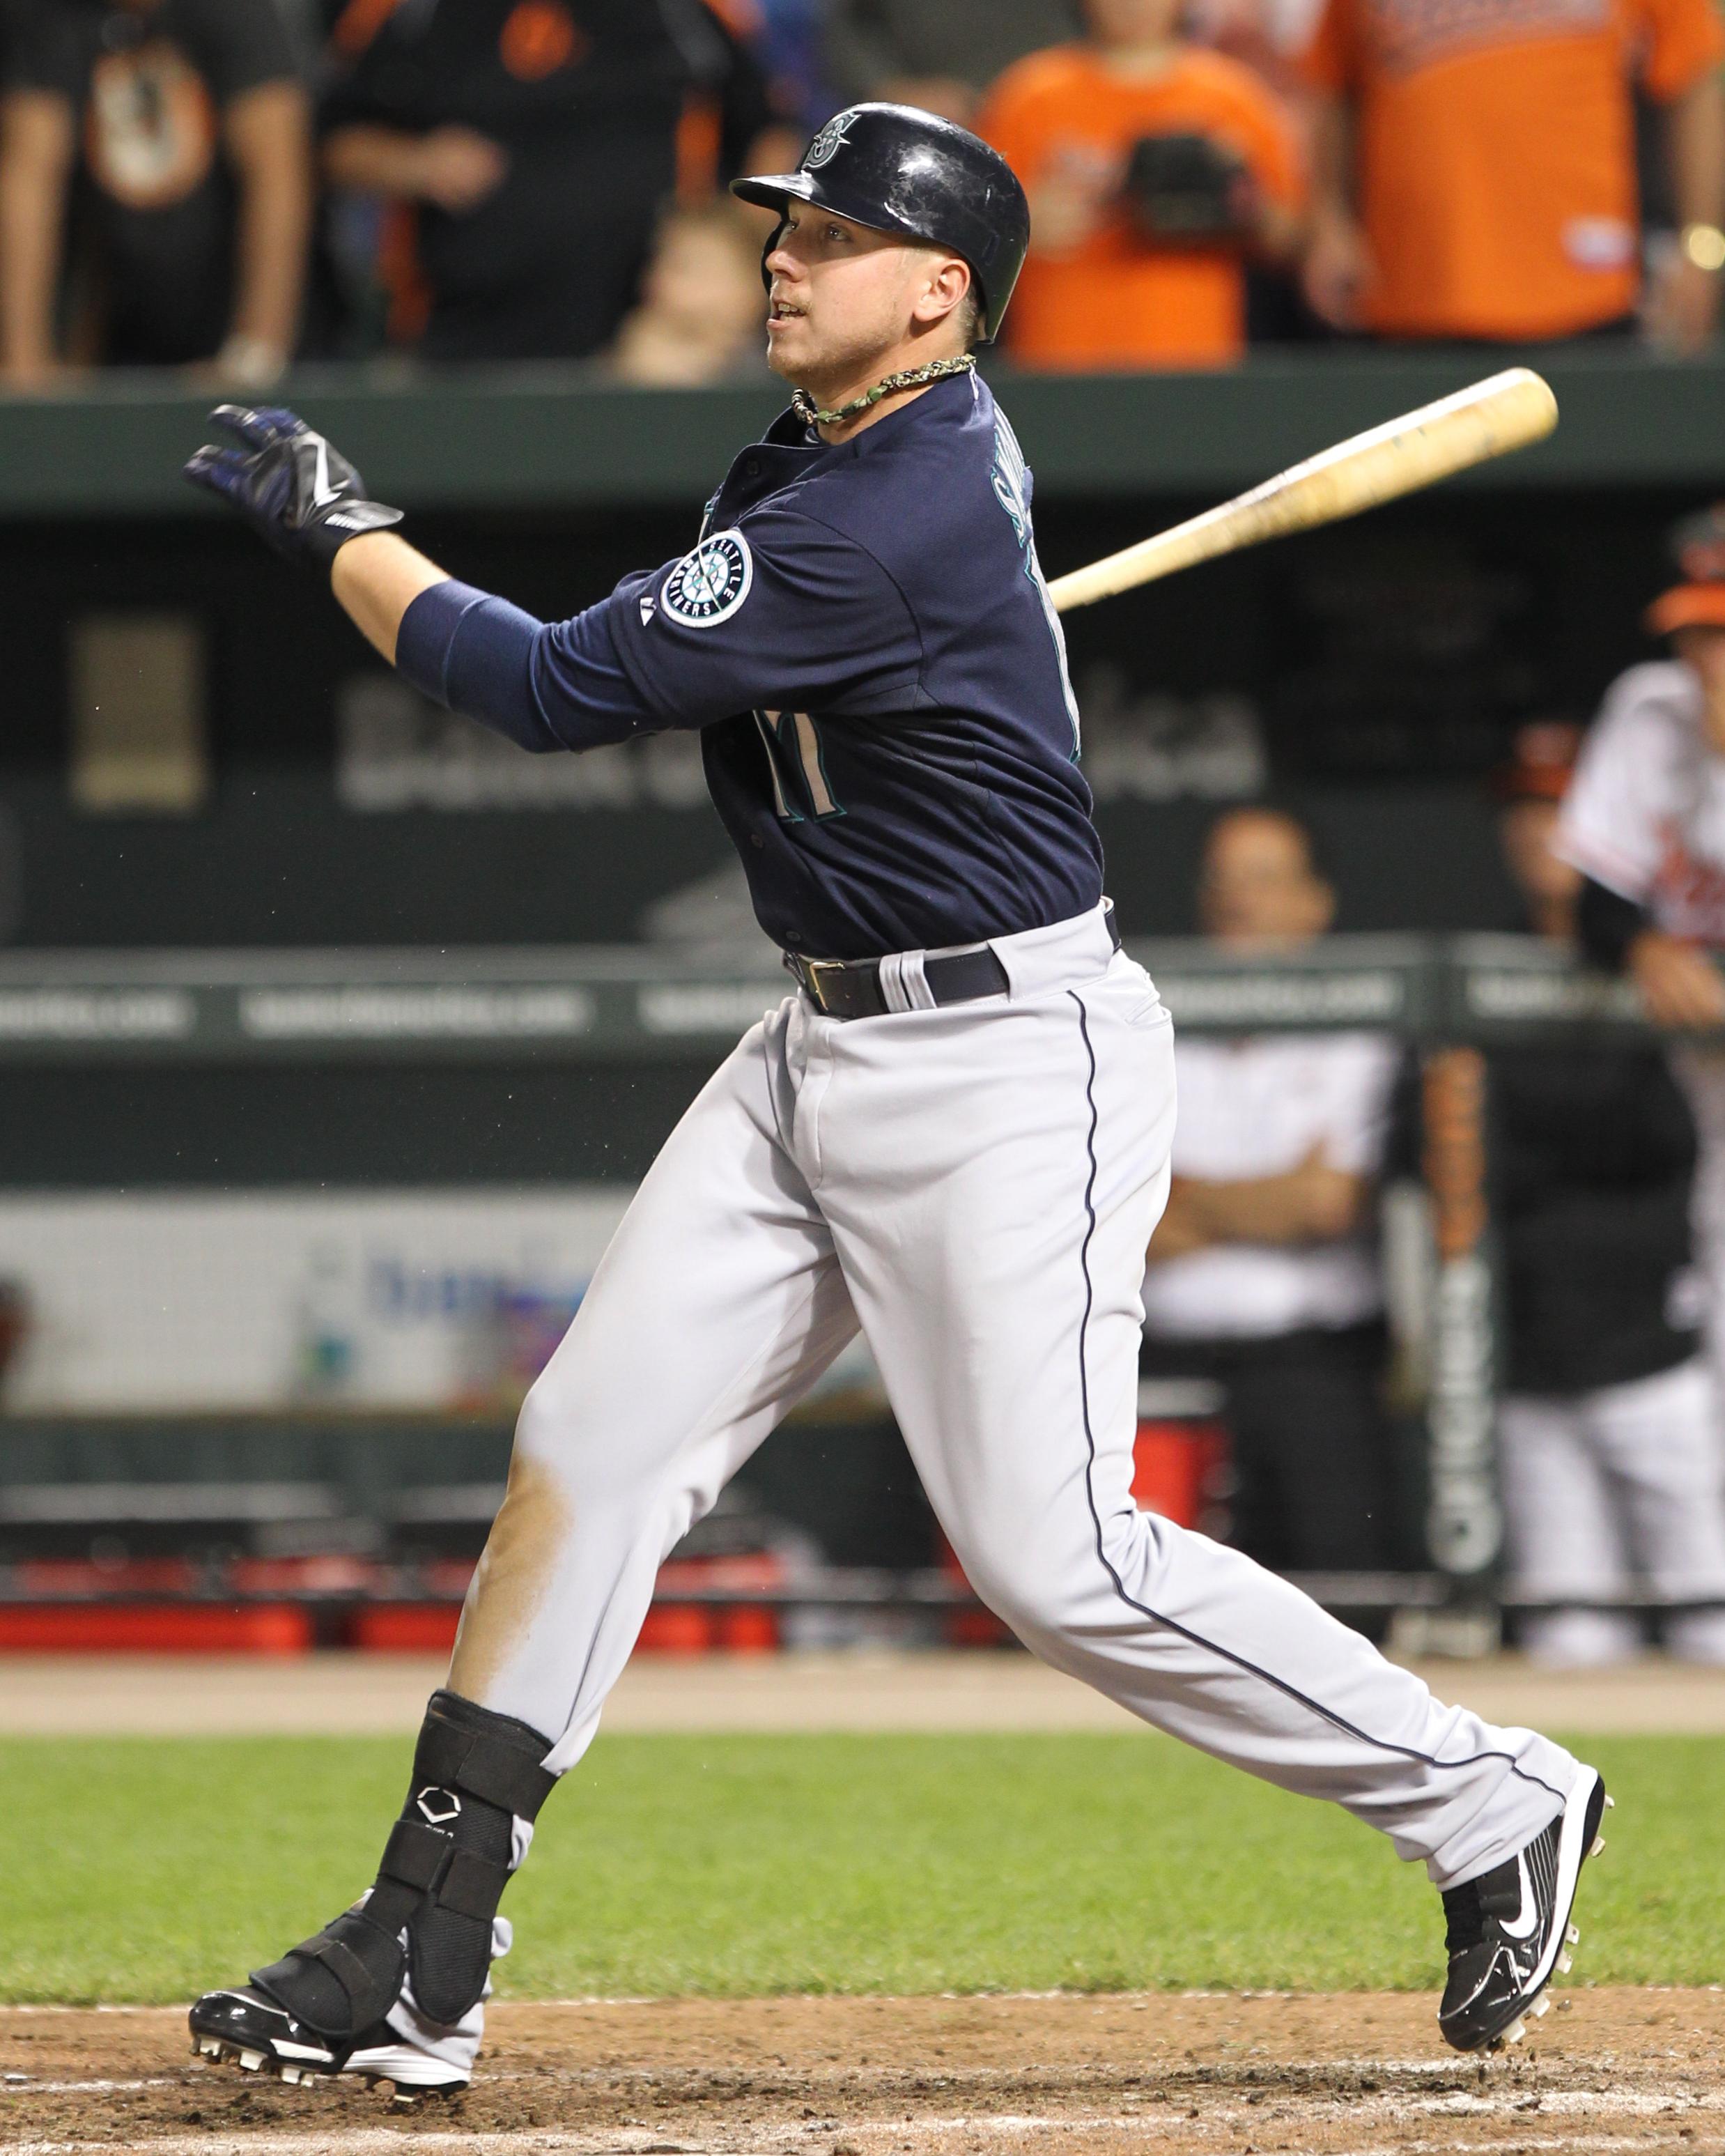 File:Justin Smoak on May 10, 2011 (2).jpg - Wikimedia Commons